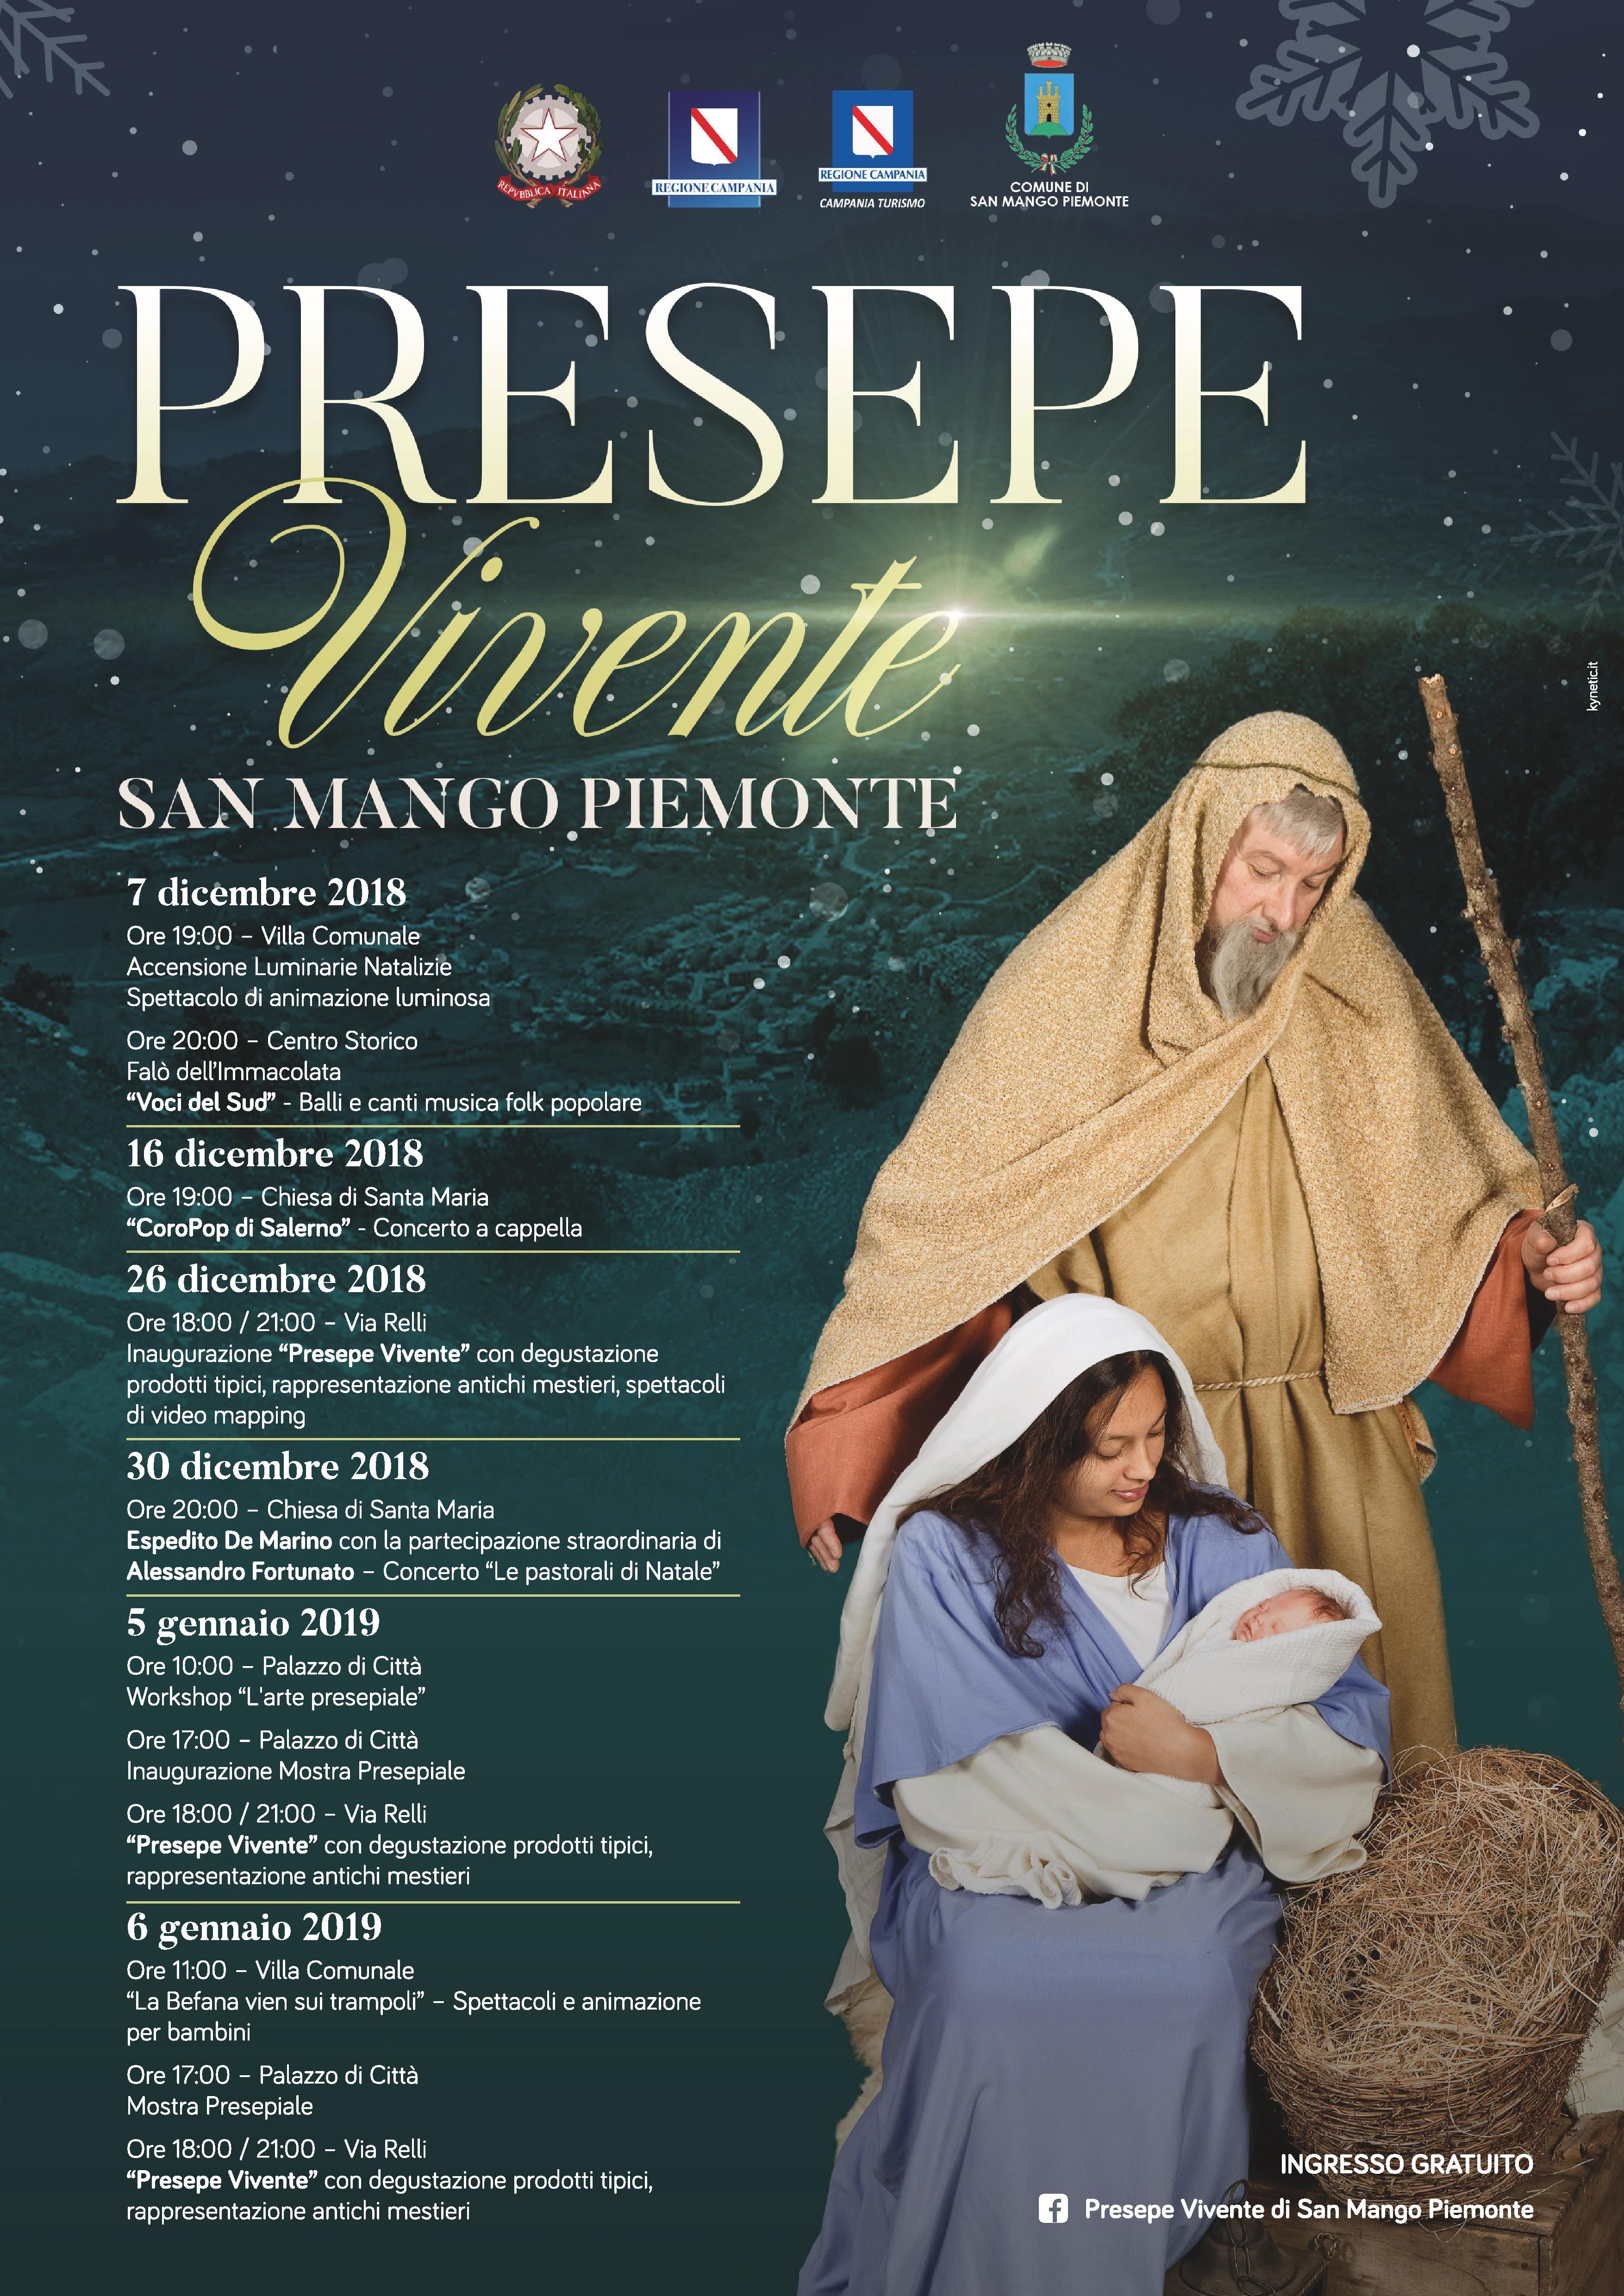 San Mango Piemonte e il Presepe Vivente